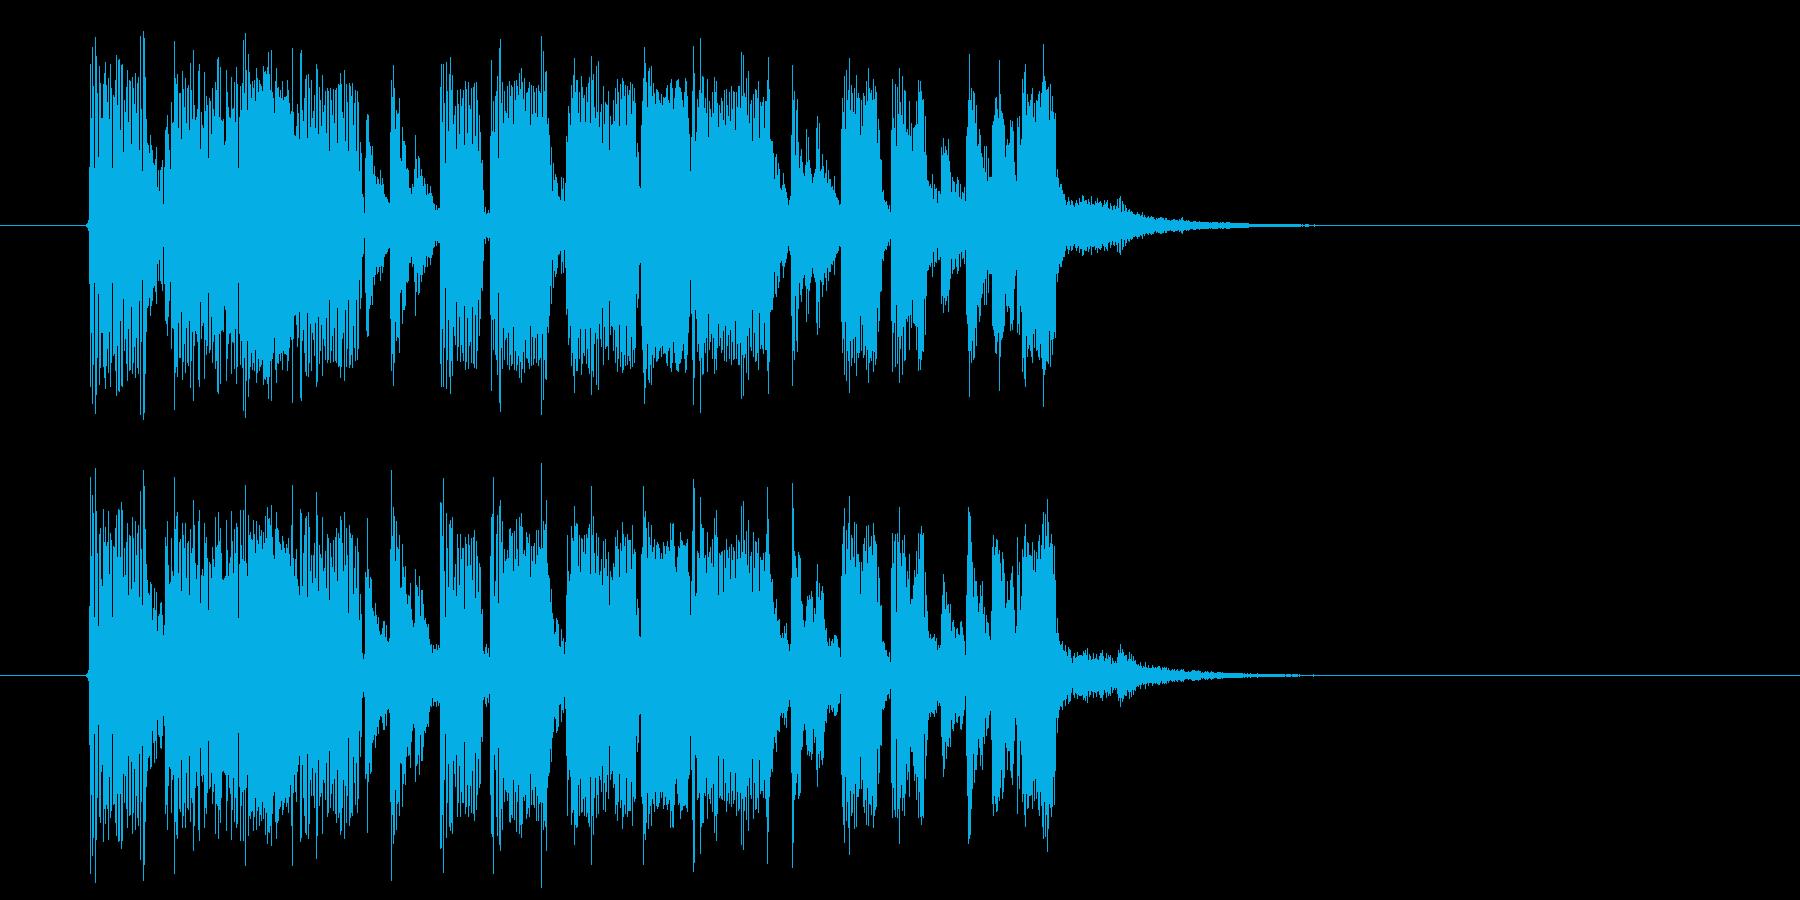 煌びやかで軽快なシンセポップジングルの再生済みの波形